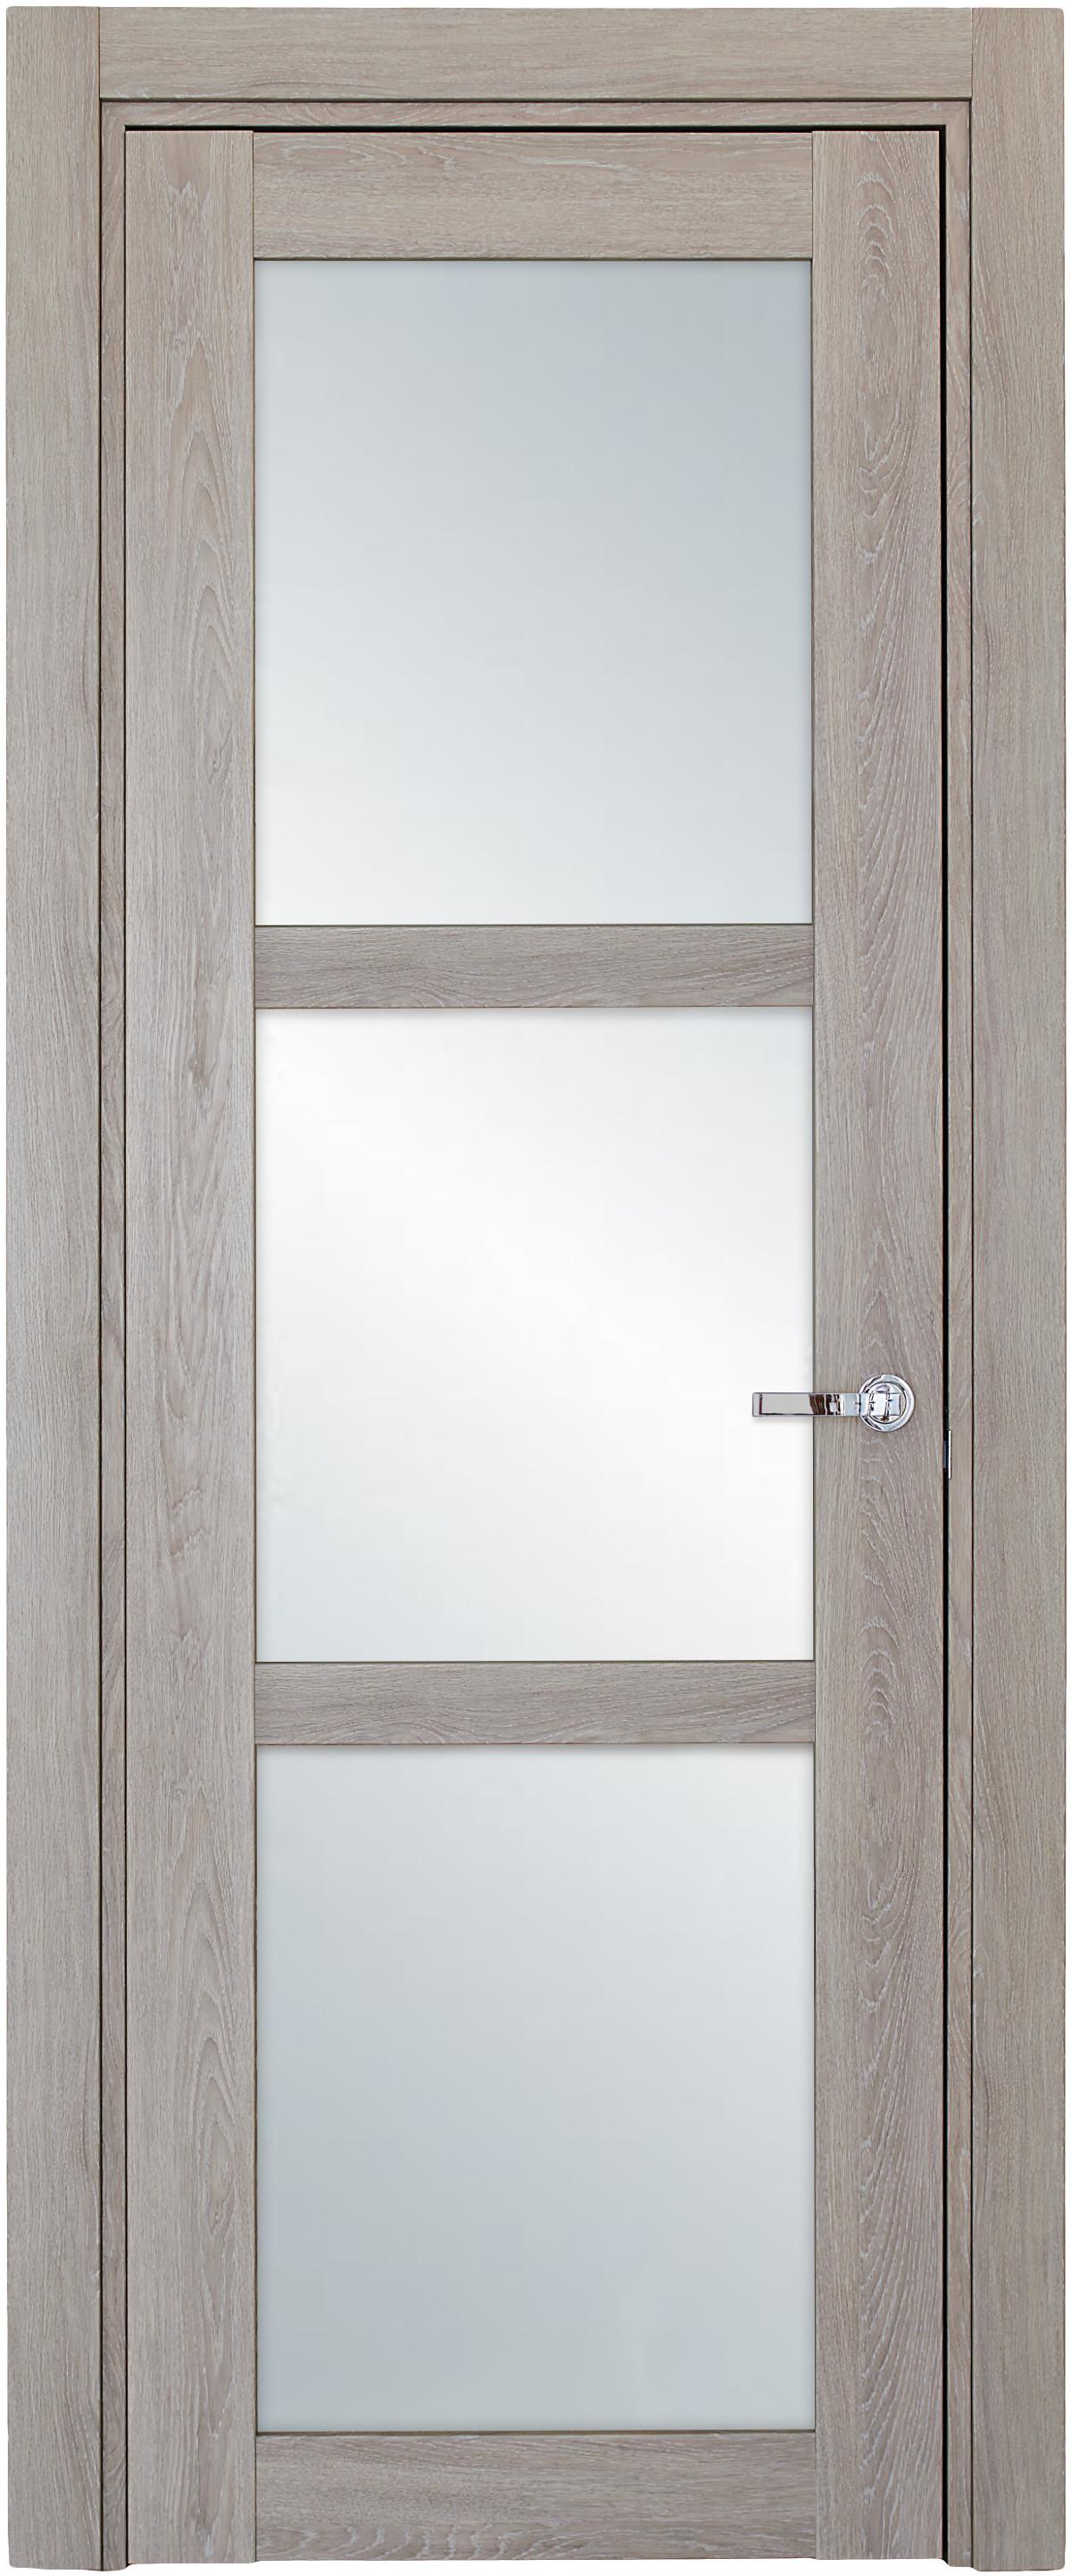 Межкомнатная / входная дверь, отделка: экошпон ДУБ DECAPE, Solo 3S